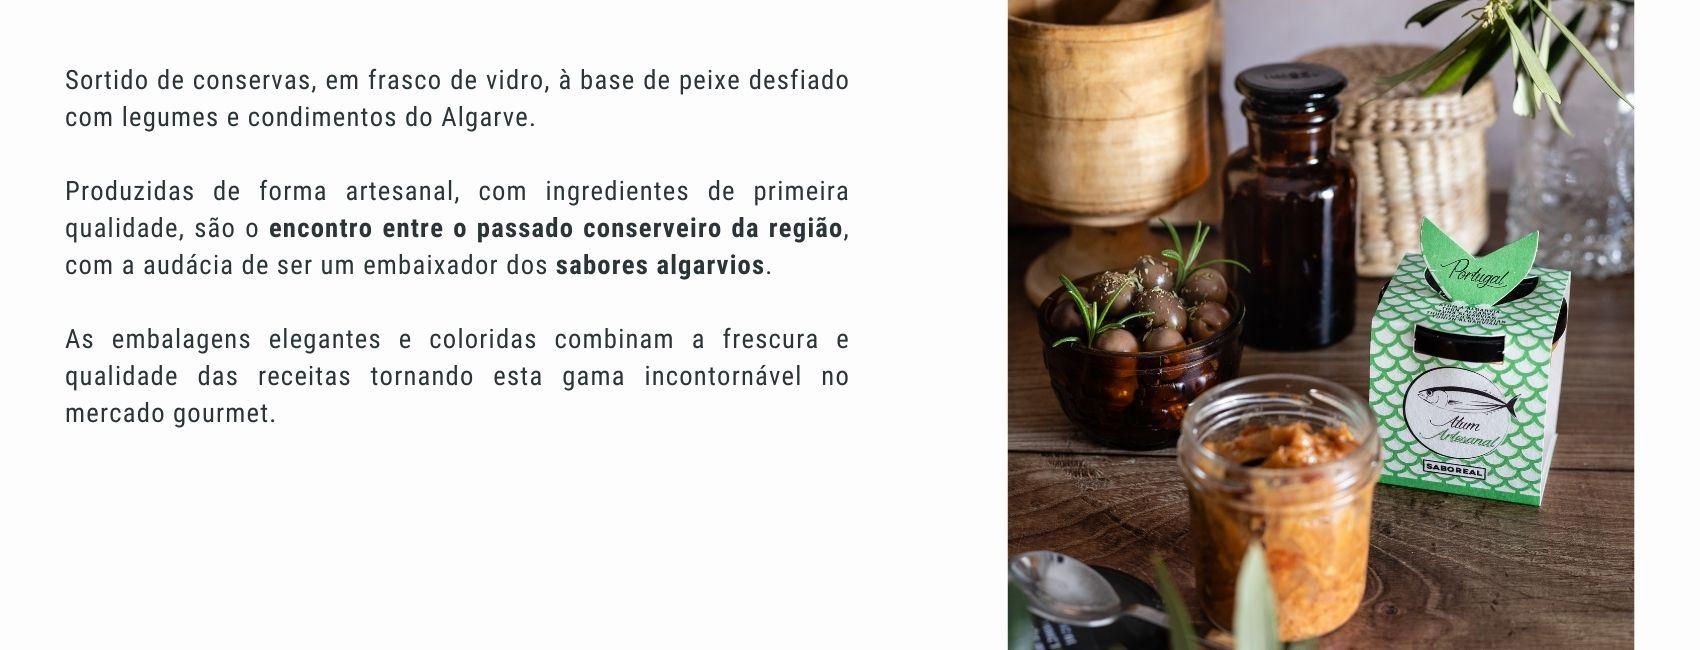 Sortido de conservas, em frasco de vidro, à base de peixe desfiado com legumes e condimentos do Algarve.  Produzidas de forma artesanal, com ingredientes de primeira qualidade, são o encontro entre o passado conserveiro da região, com a audácia de ser um embaixador dos sabores algarvios.  As embalagens elegantes e coloridas combinam a frescura e qualidade das receitas tornando esta gama incontornável no mercado gourmet.